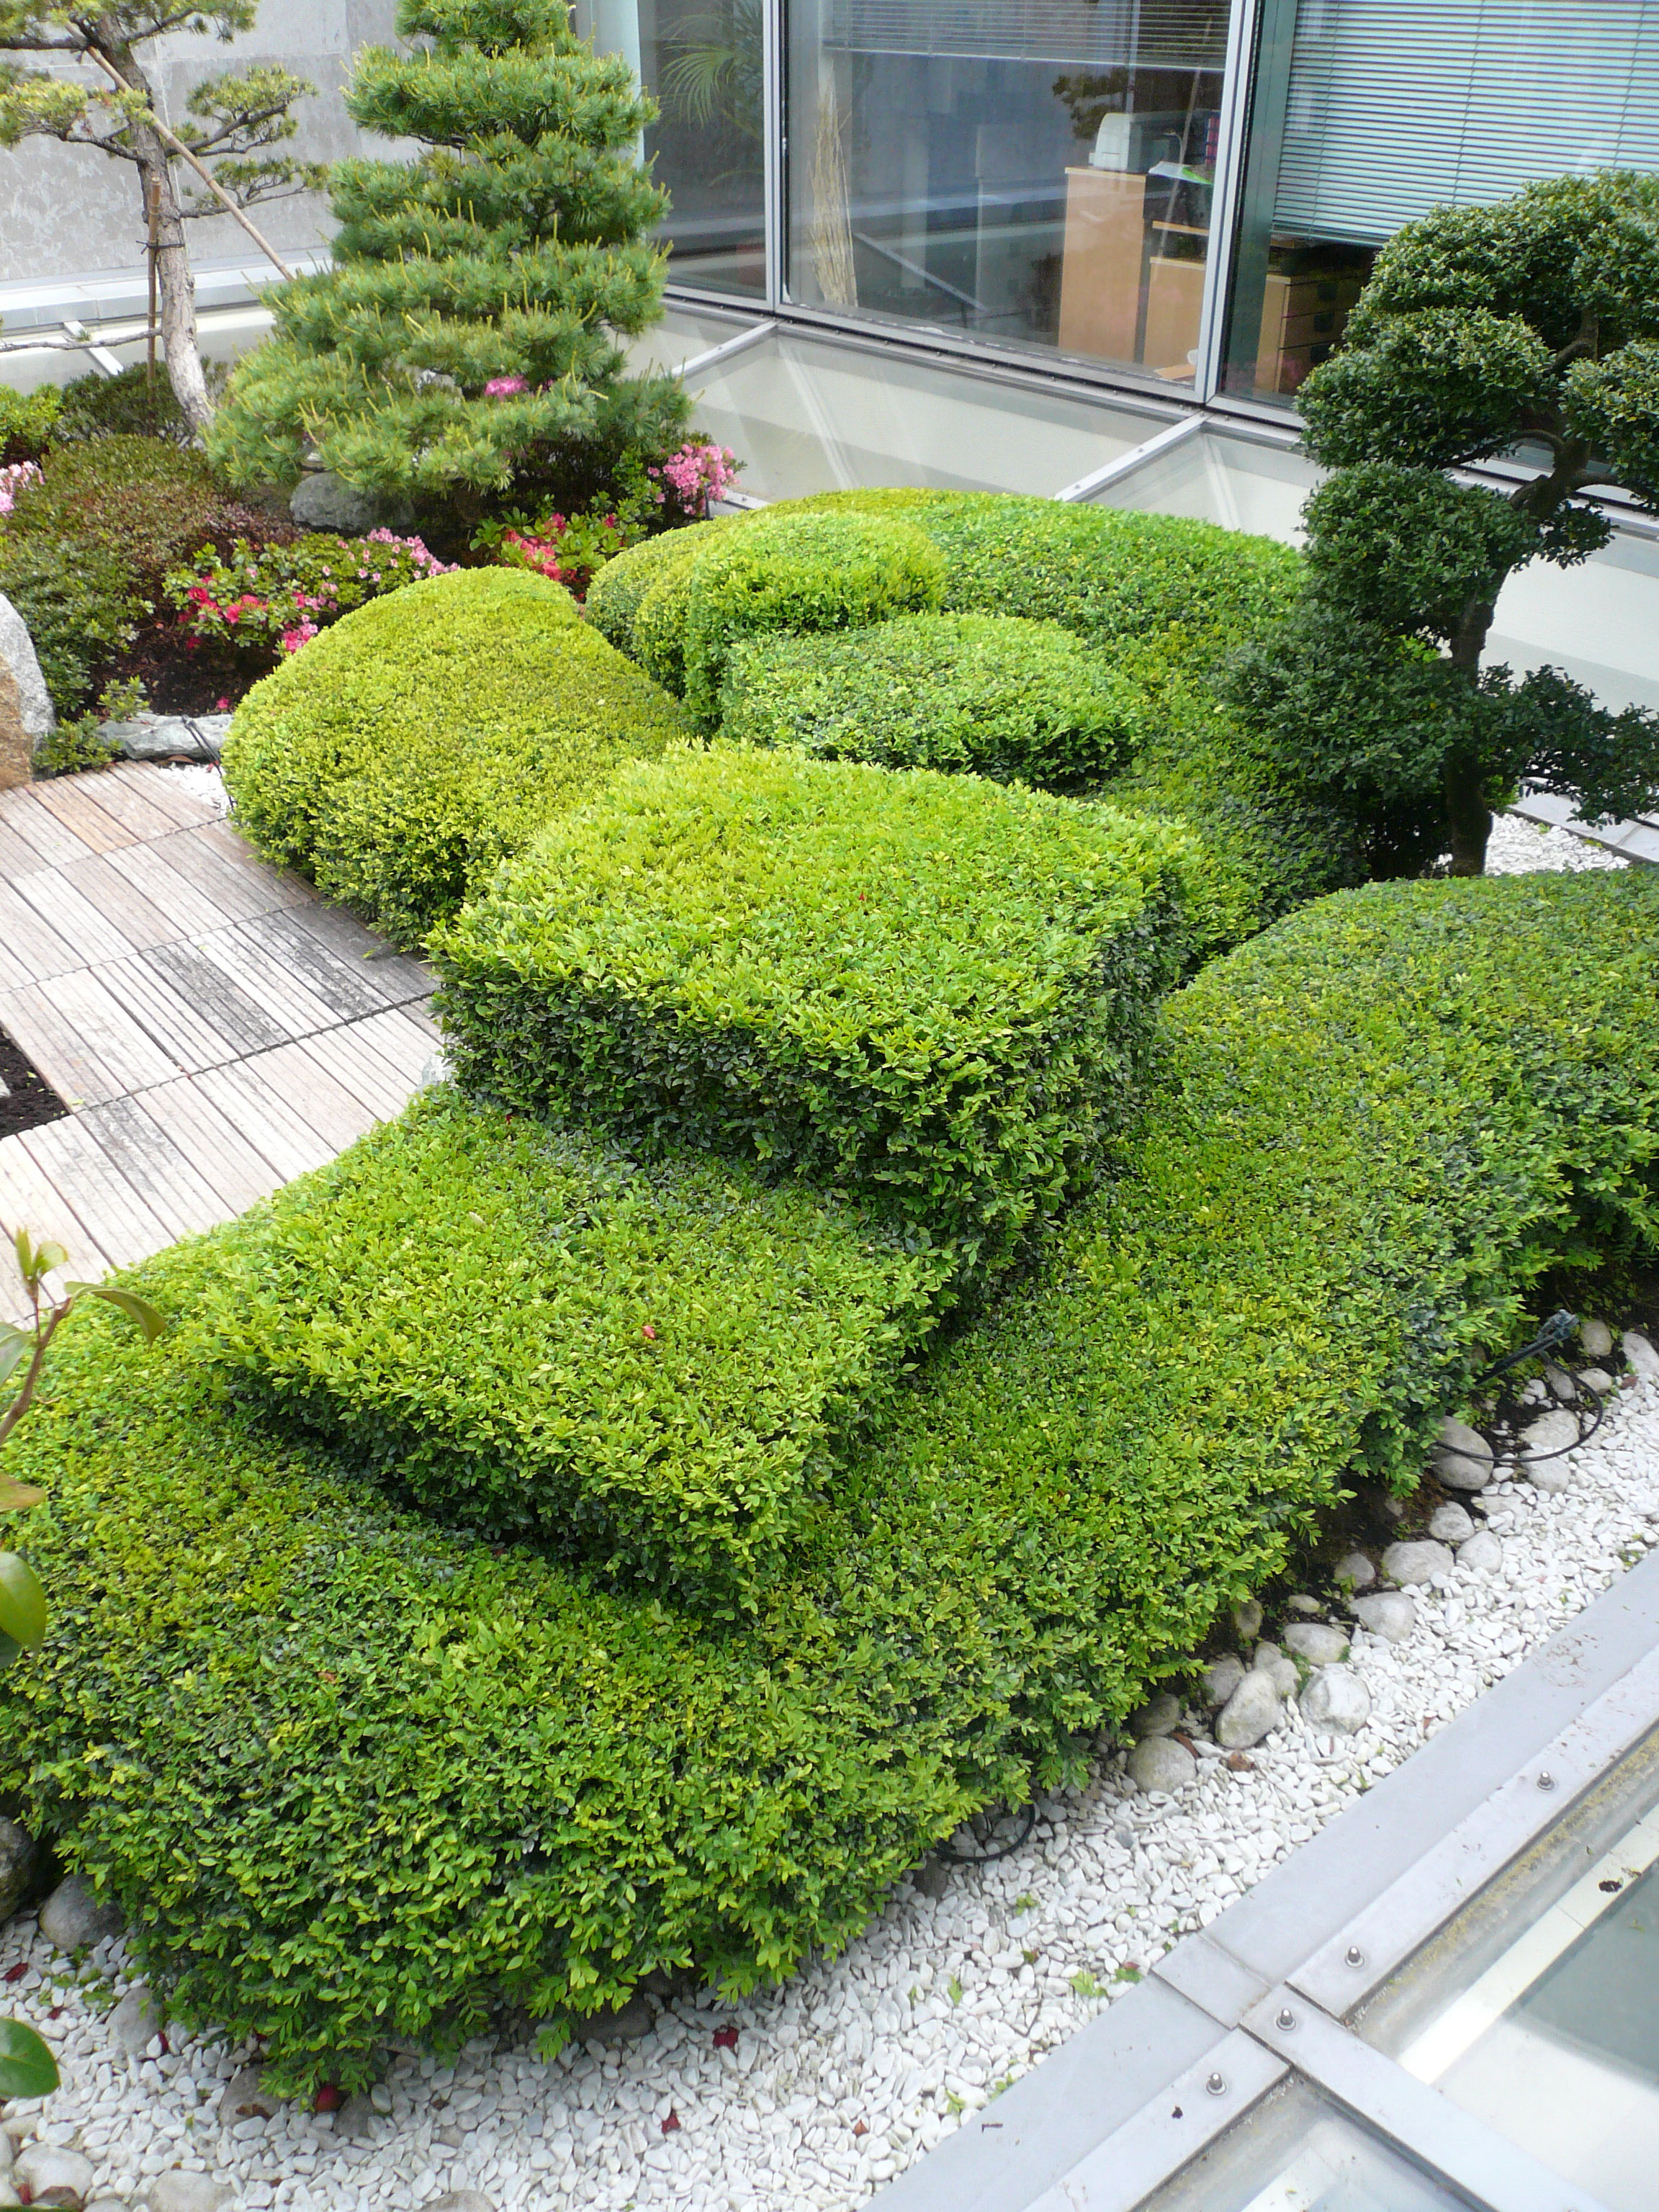 projets de jardins et de terrasses japonaises jardins du japon et d 39 ailleurs. Black Bedroom Furniture Sets. Home Design Ideas